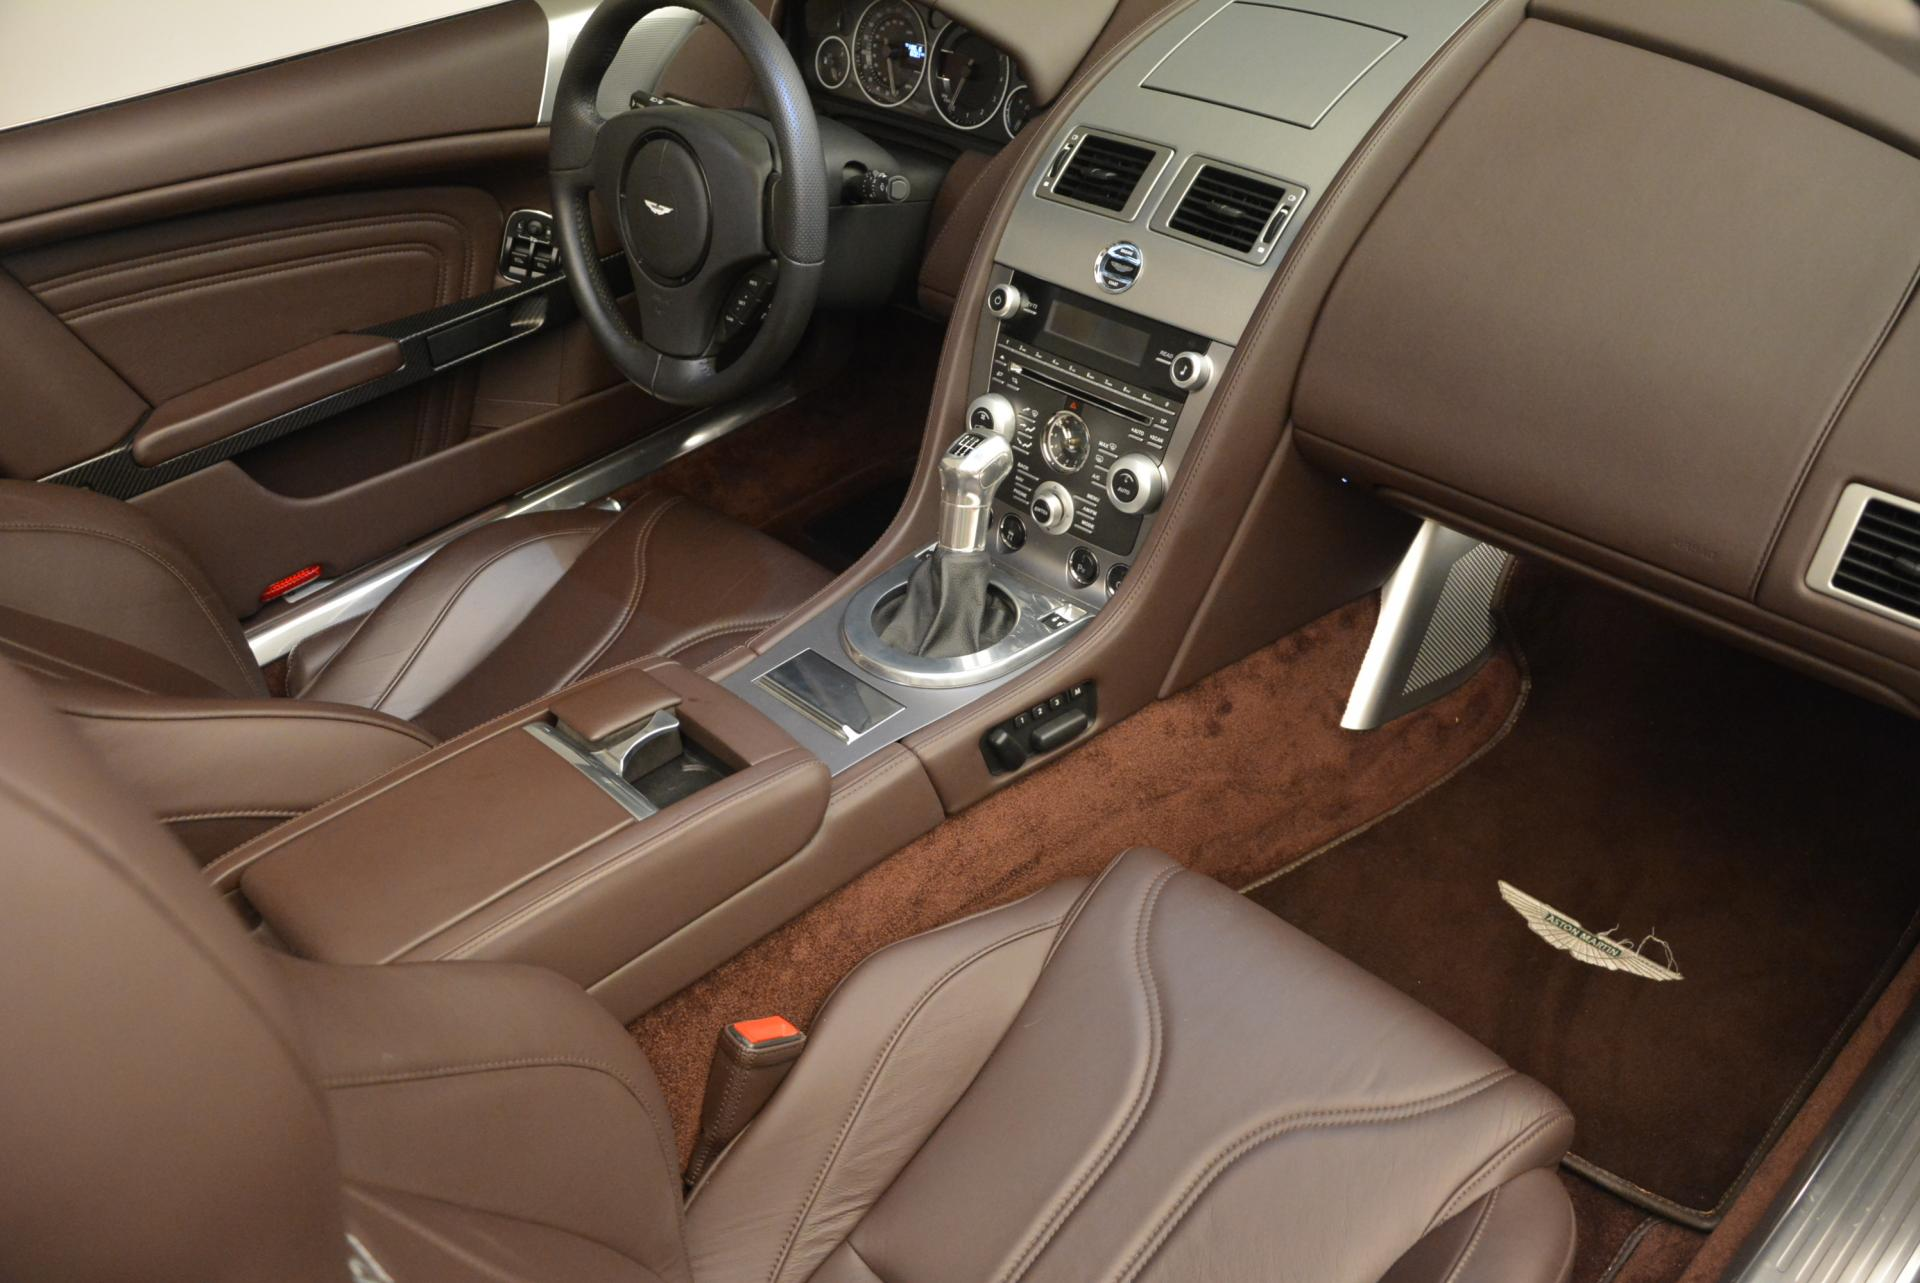 Used 2010 Aston Martin DBS Volante For Sale In Greenwich, CT. Alfa Romeo of Greenwich, 7035 87_p36